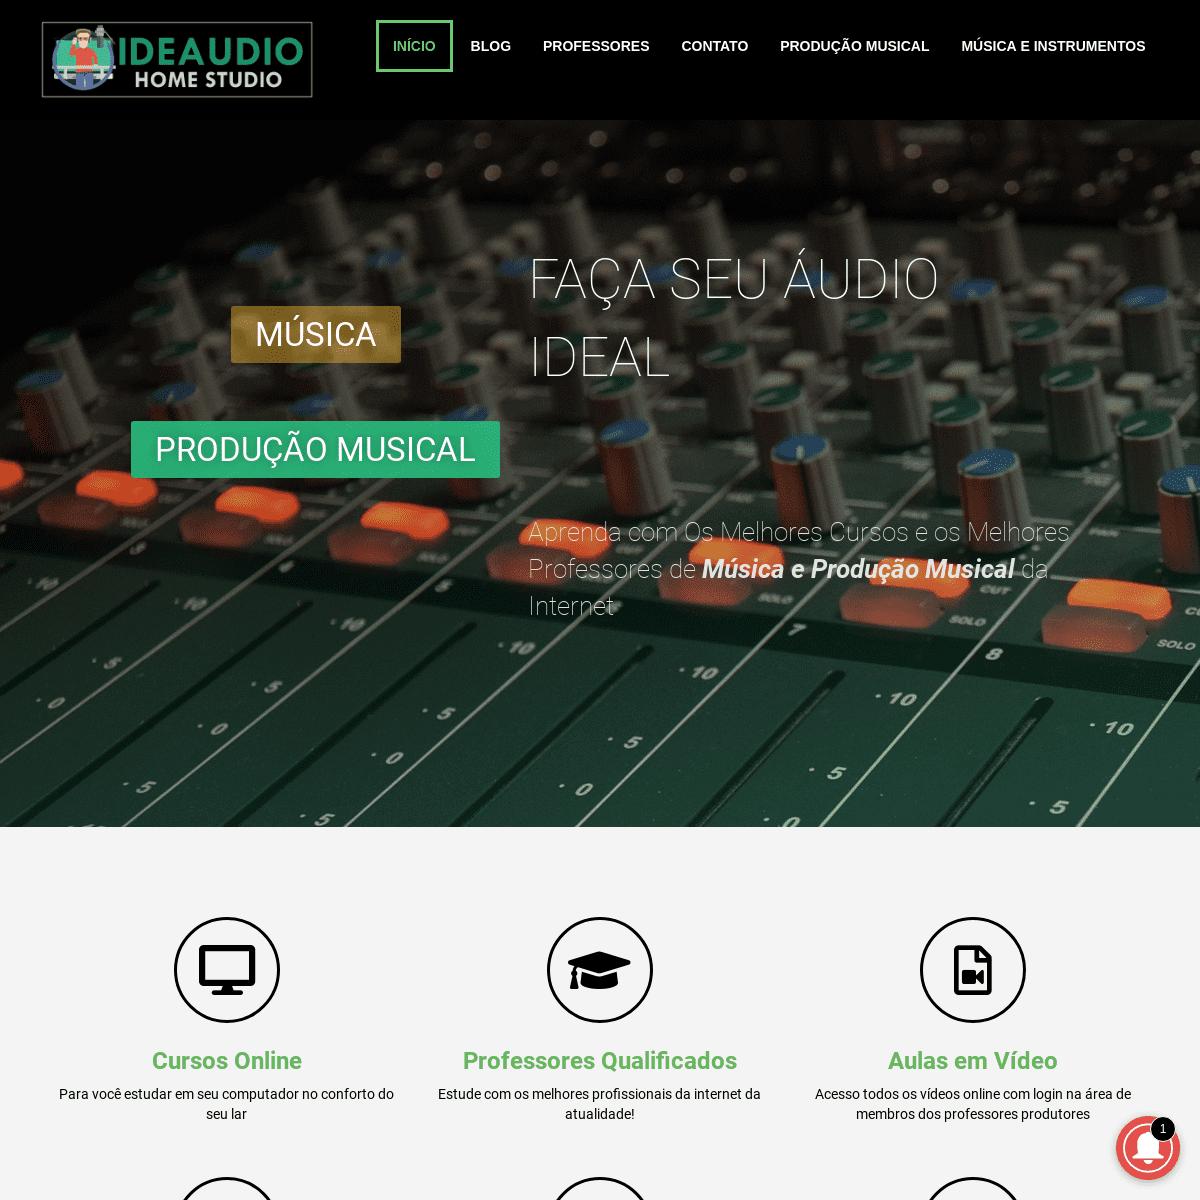 Ideaudio Home Studio – Produção de Áudio em Home Studio